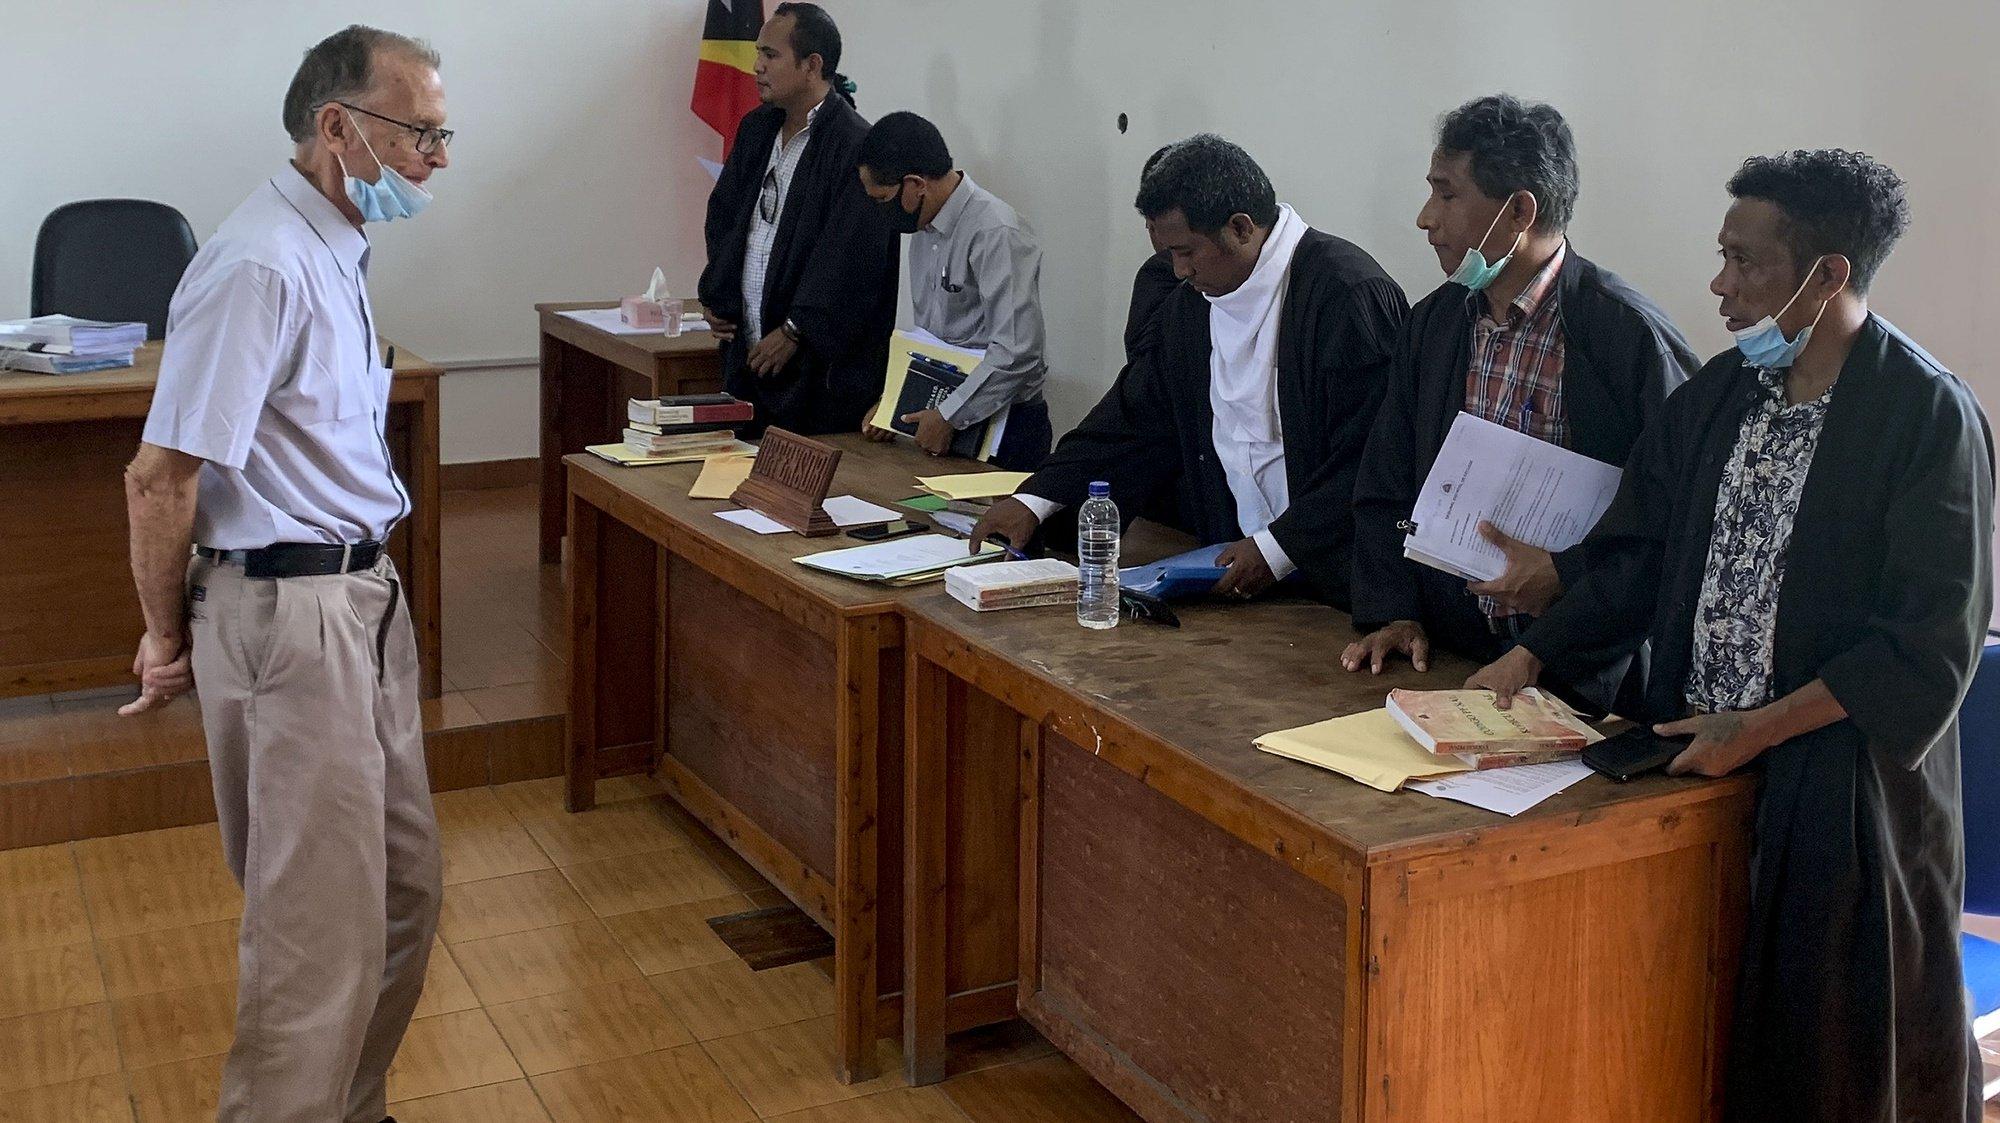 O início do julgamento de um ex-padre Richard Daschbach (E), 84 anos, acusado dos crimes de abuso sexual de crianças em Timor-Leste, pornografia infantil e violência doméstica, Pante Macassar, Timor-Leste, 22 fevereiro de 2021. ANTÓNIO SAMPAIO / LUSA